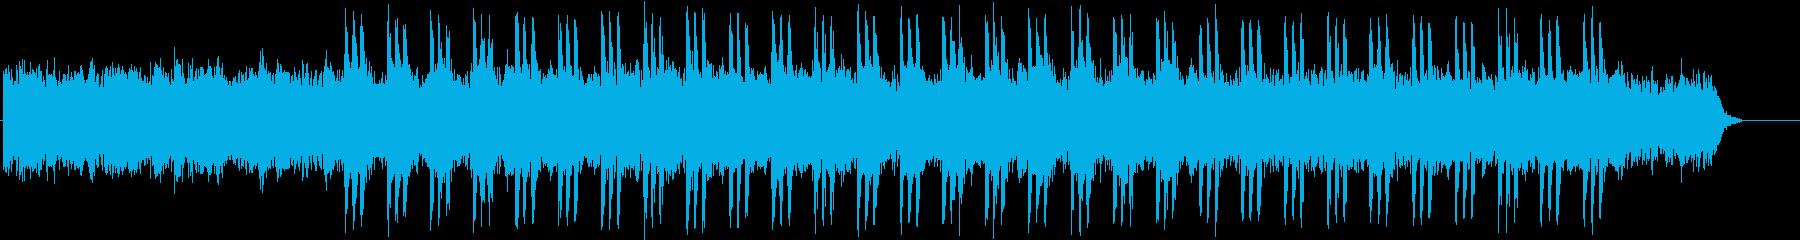 不安を感じるような不思議なBGMの再生済みの波形